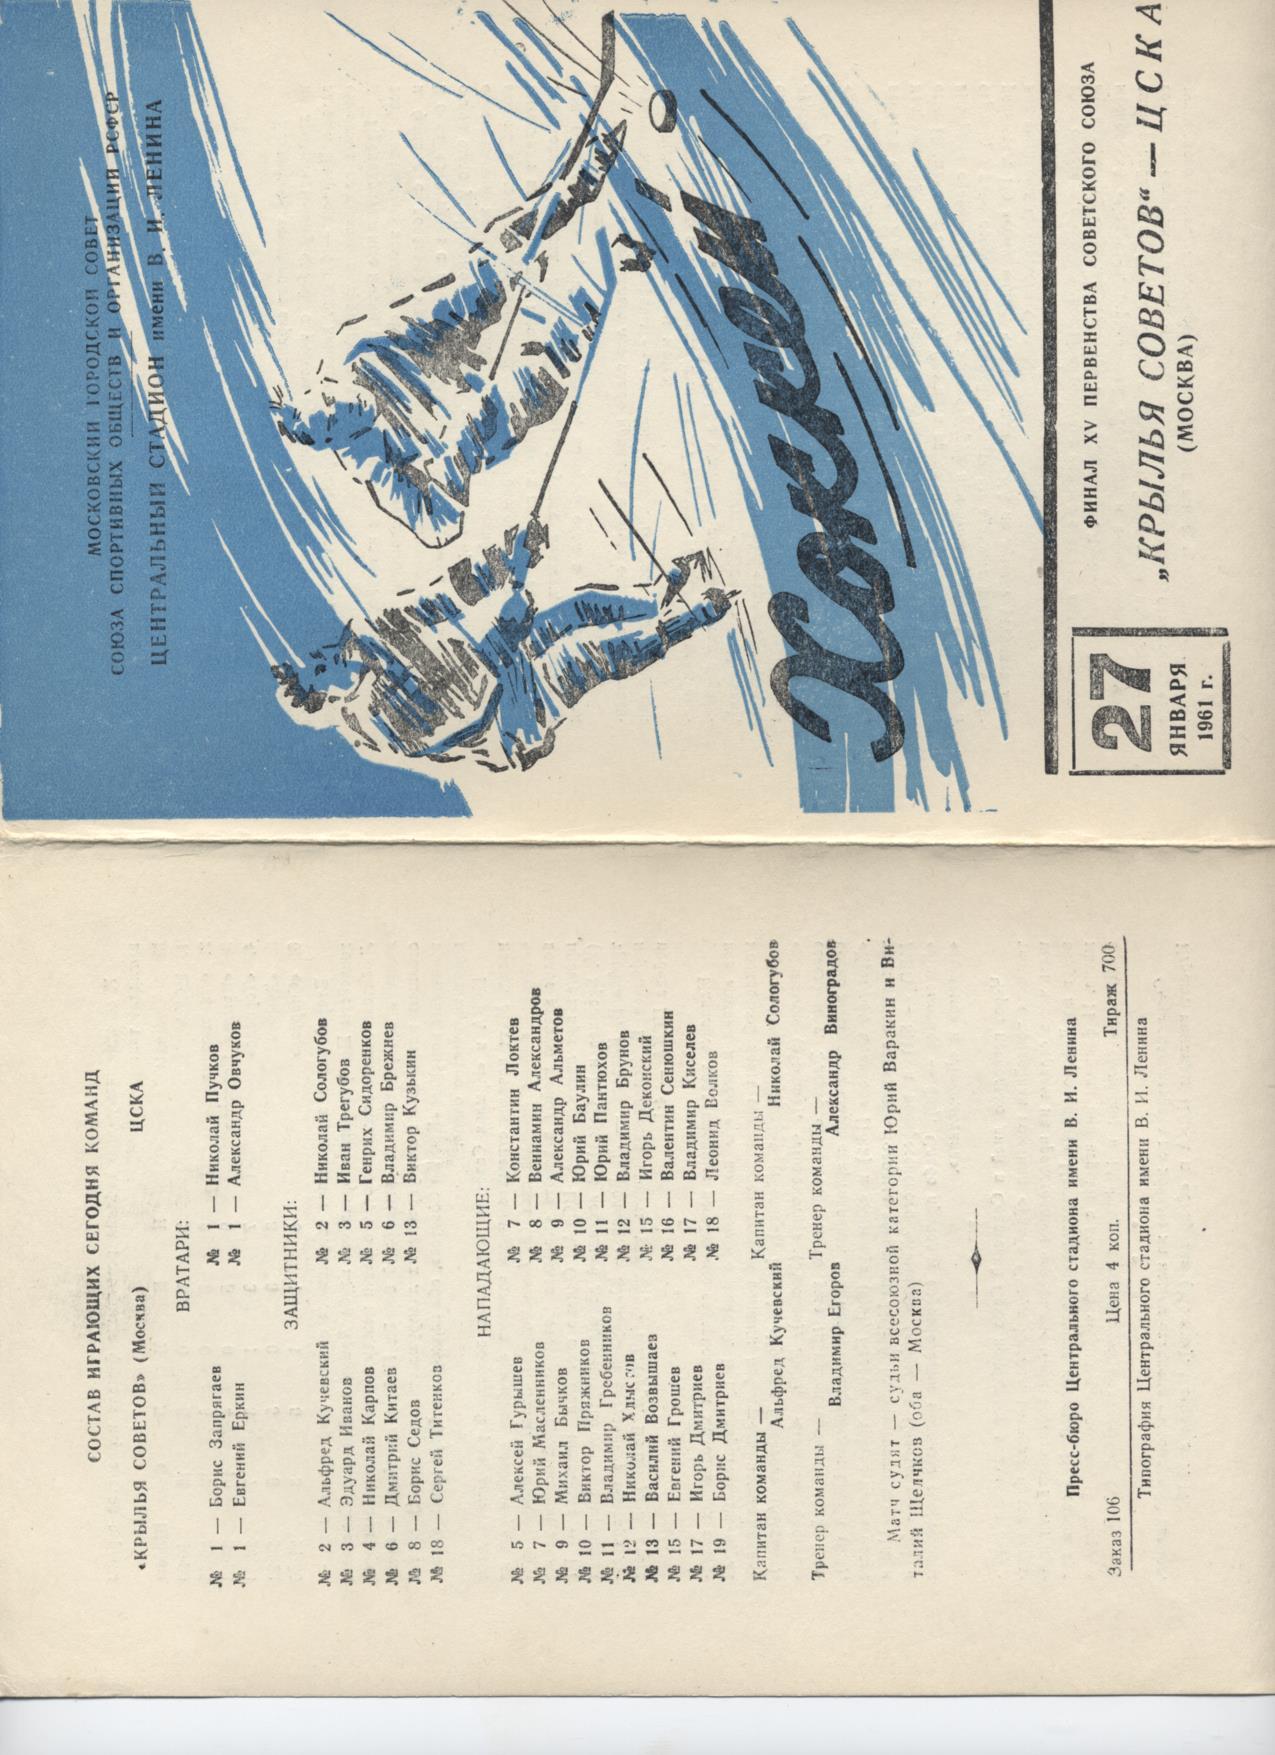 19610127-1.jpg